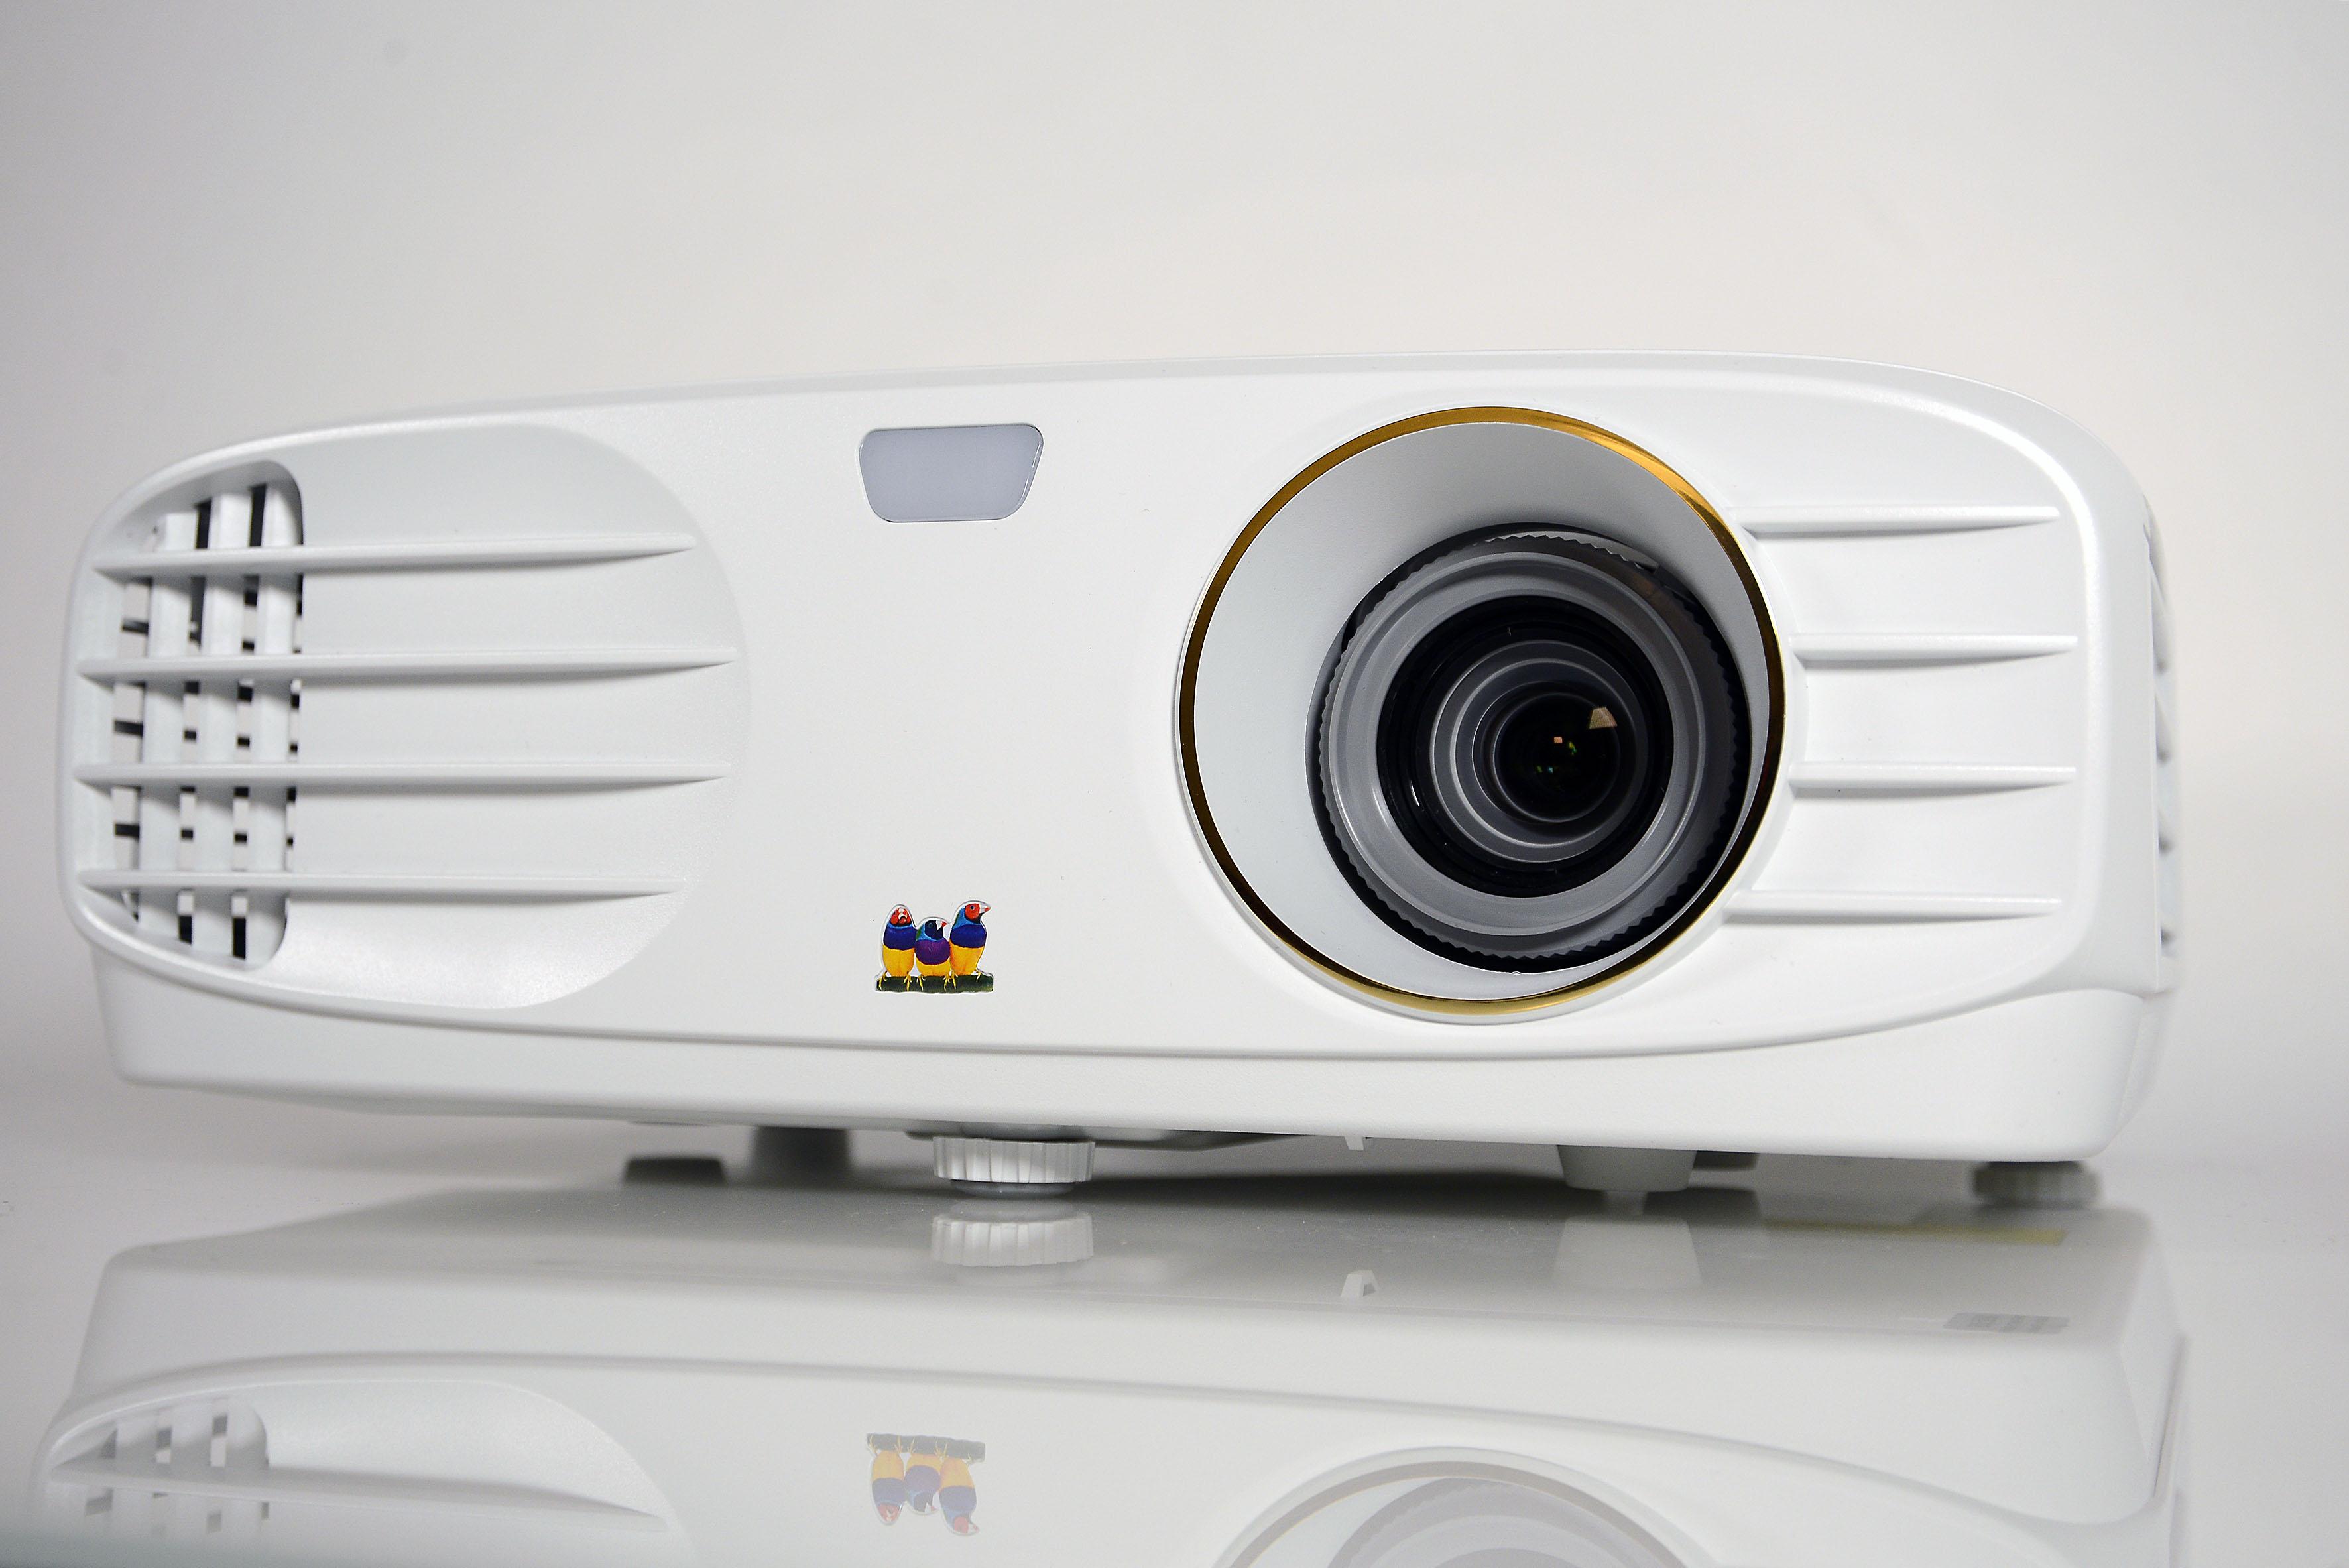 Foto: Michael B. Rehders Auch ausgeschaltet gefällt mir der ViewSonic PX747-4K im hell eingerichteten Wohnzimmer, dank weißem Gehäuse und goldenem Objektivring.